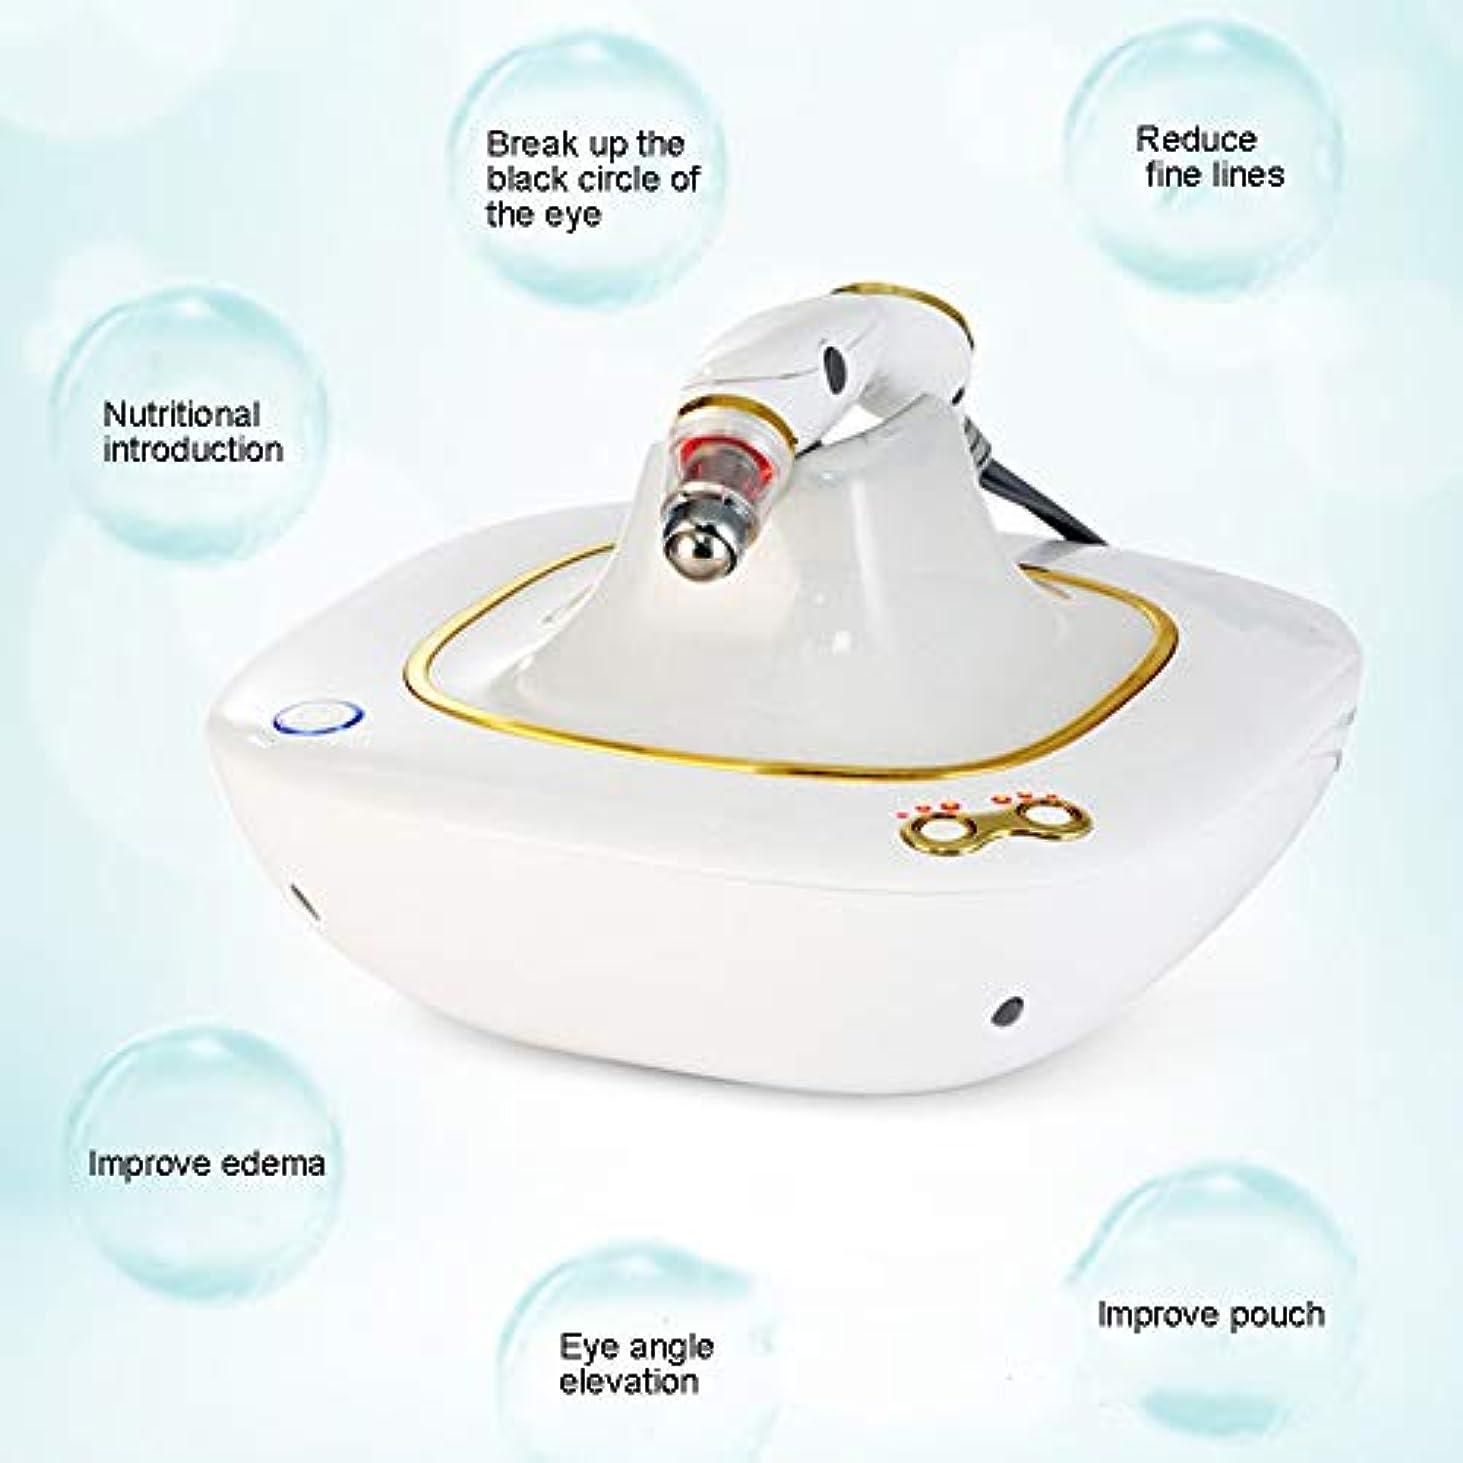 ビリー罪潮電動アイマッサージャー、ソニックバイブレーションアンチエイジングマッサージ肌を引き締め美容機器